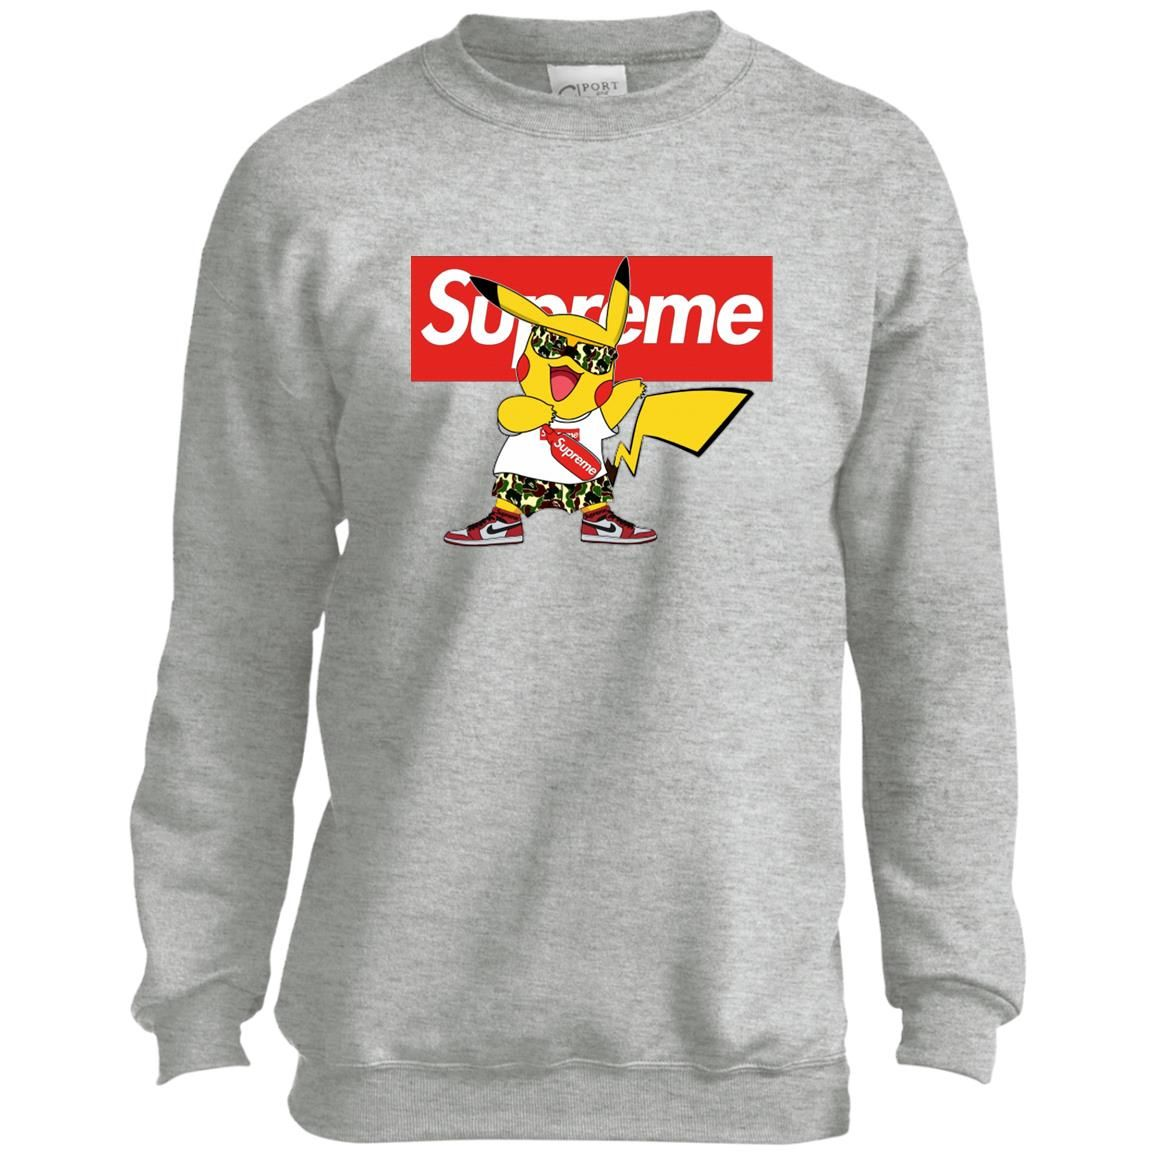 Pikachu Supreme Youth Kids Sweatshirt | Sweatshirts, Youth